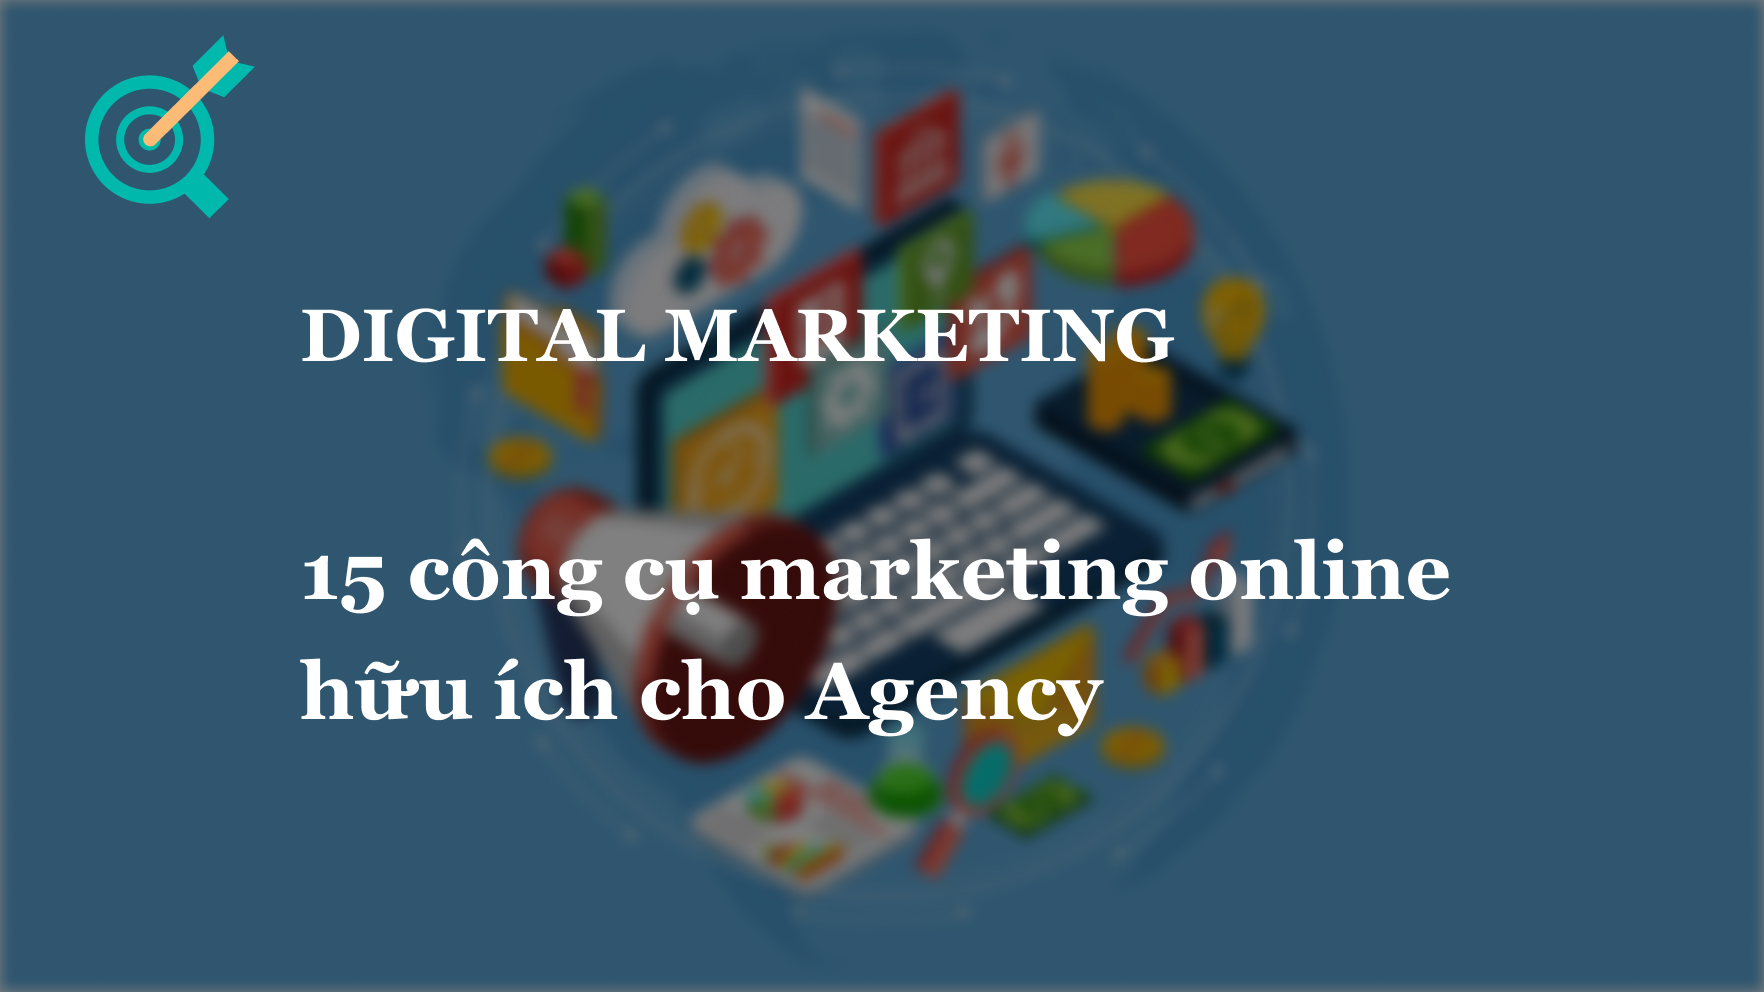 15 công cụ marketing online hữu ích cho Agency